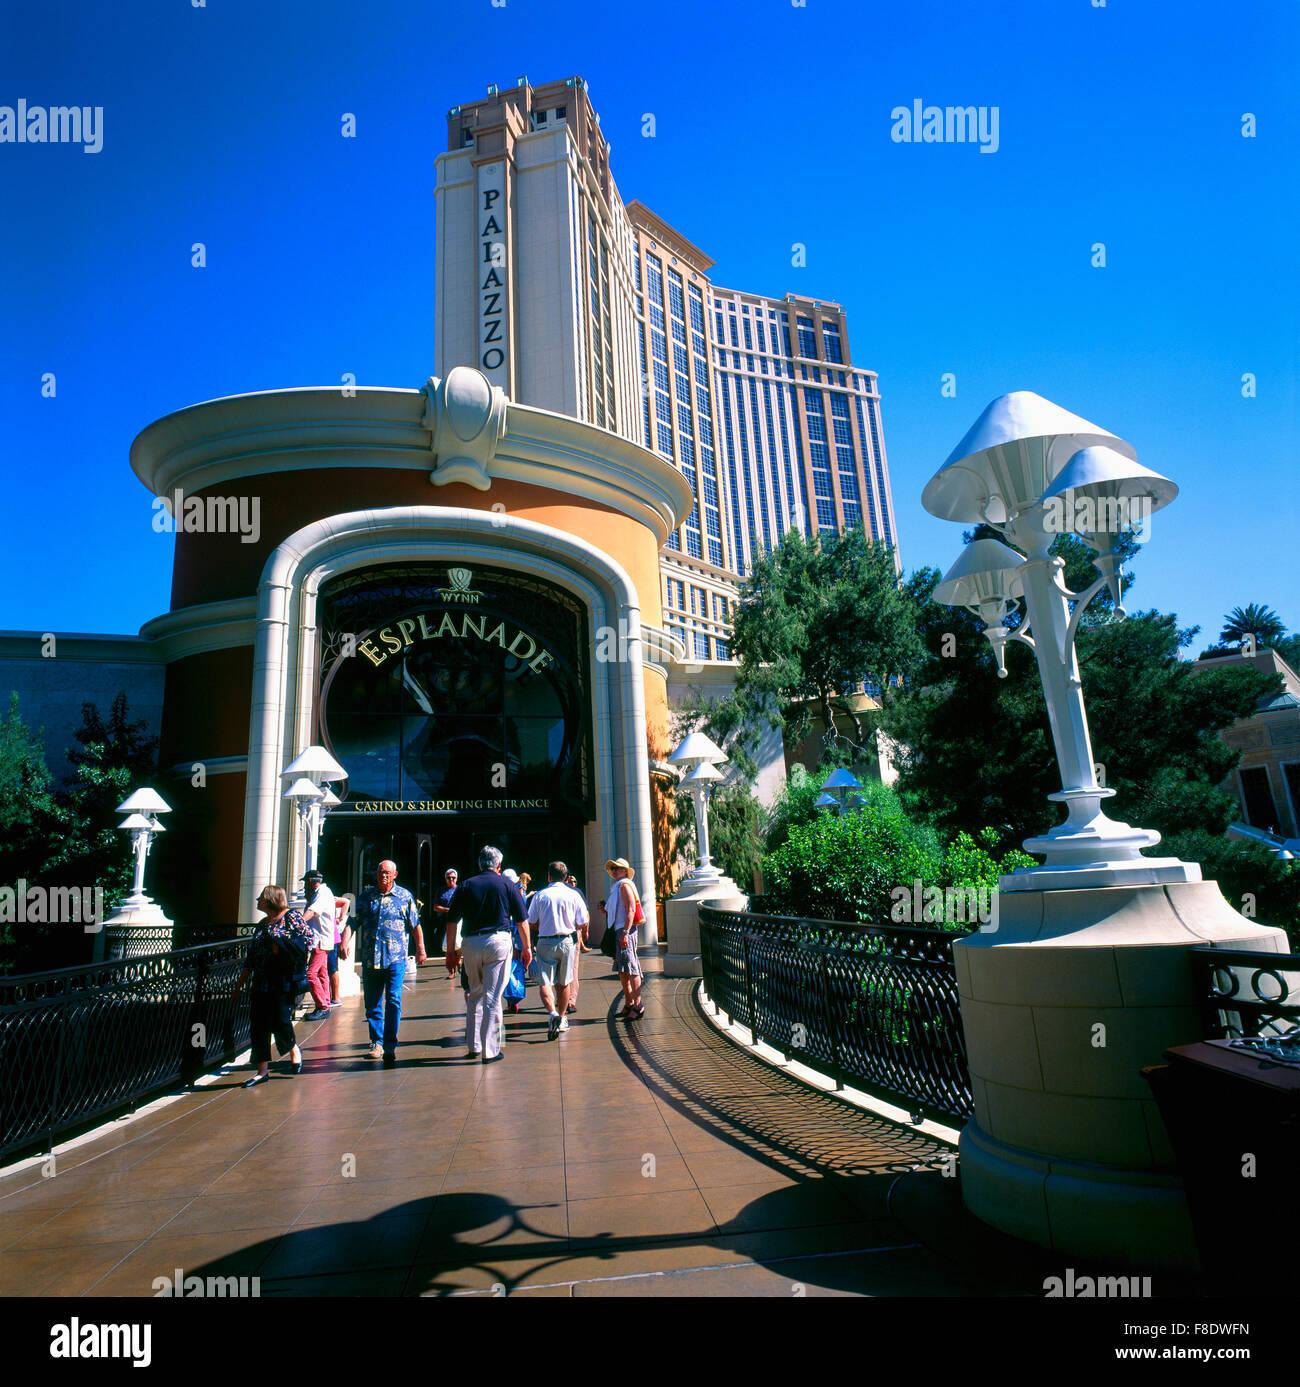 Boutique Hotel Las Vegas Strip